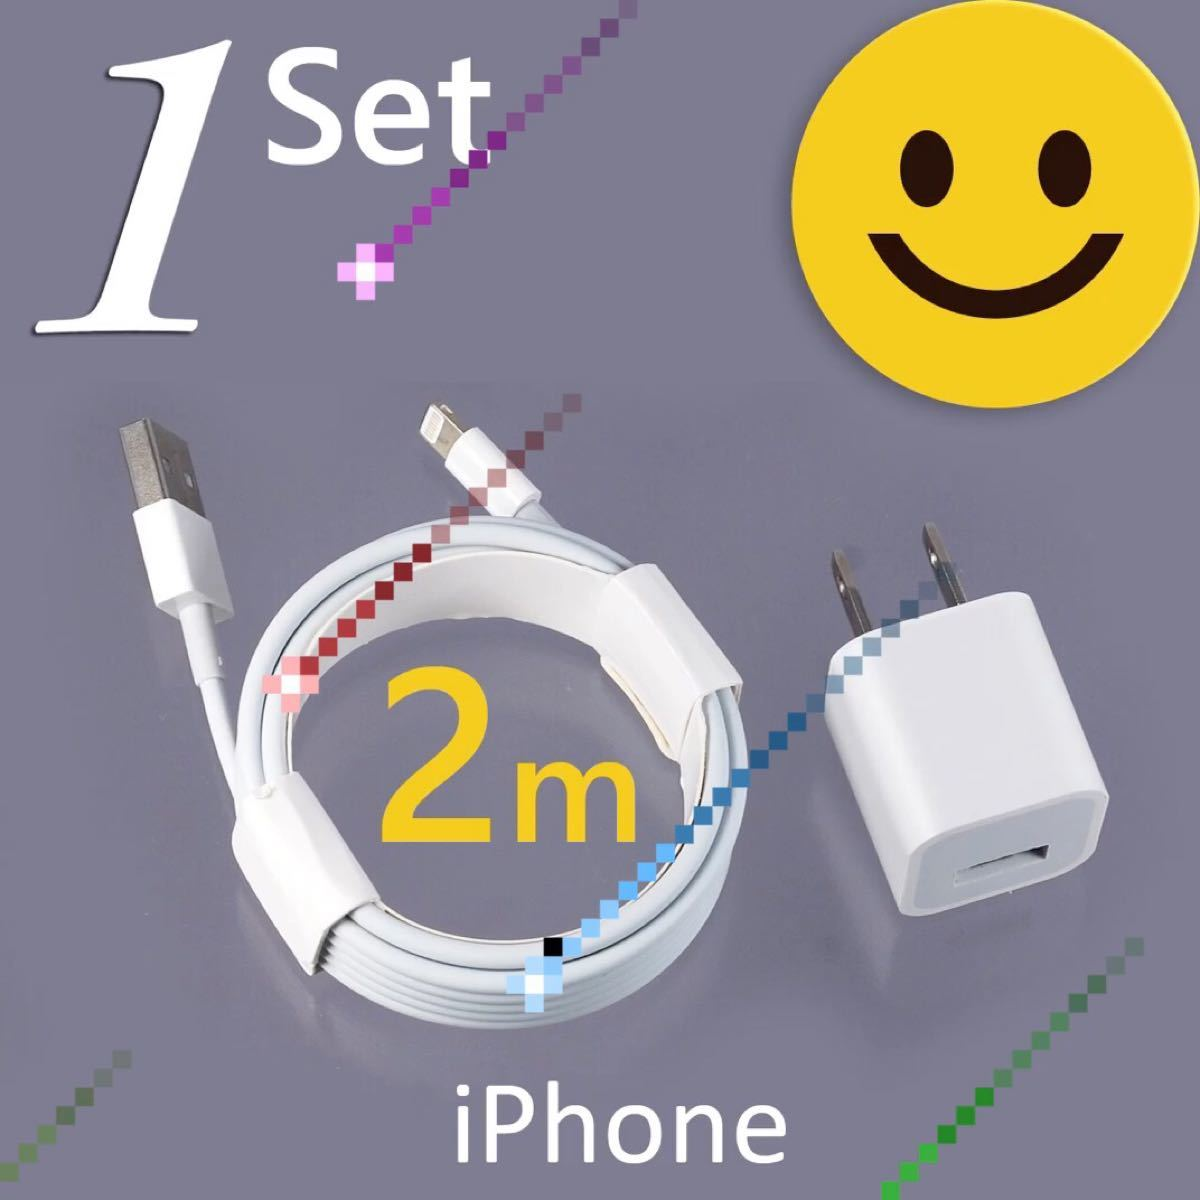 iPhone 充電ケーブル 充電器 ケーブル2m.アダプター1個 ライトニングケーブル コンセント 電源 USB スマホ